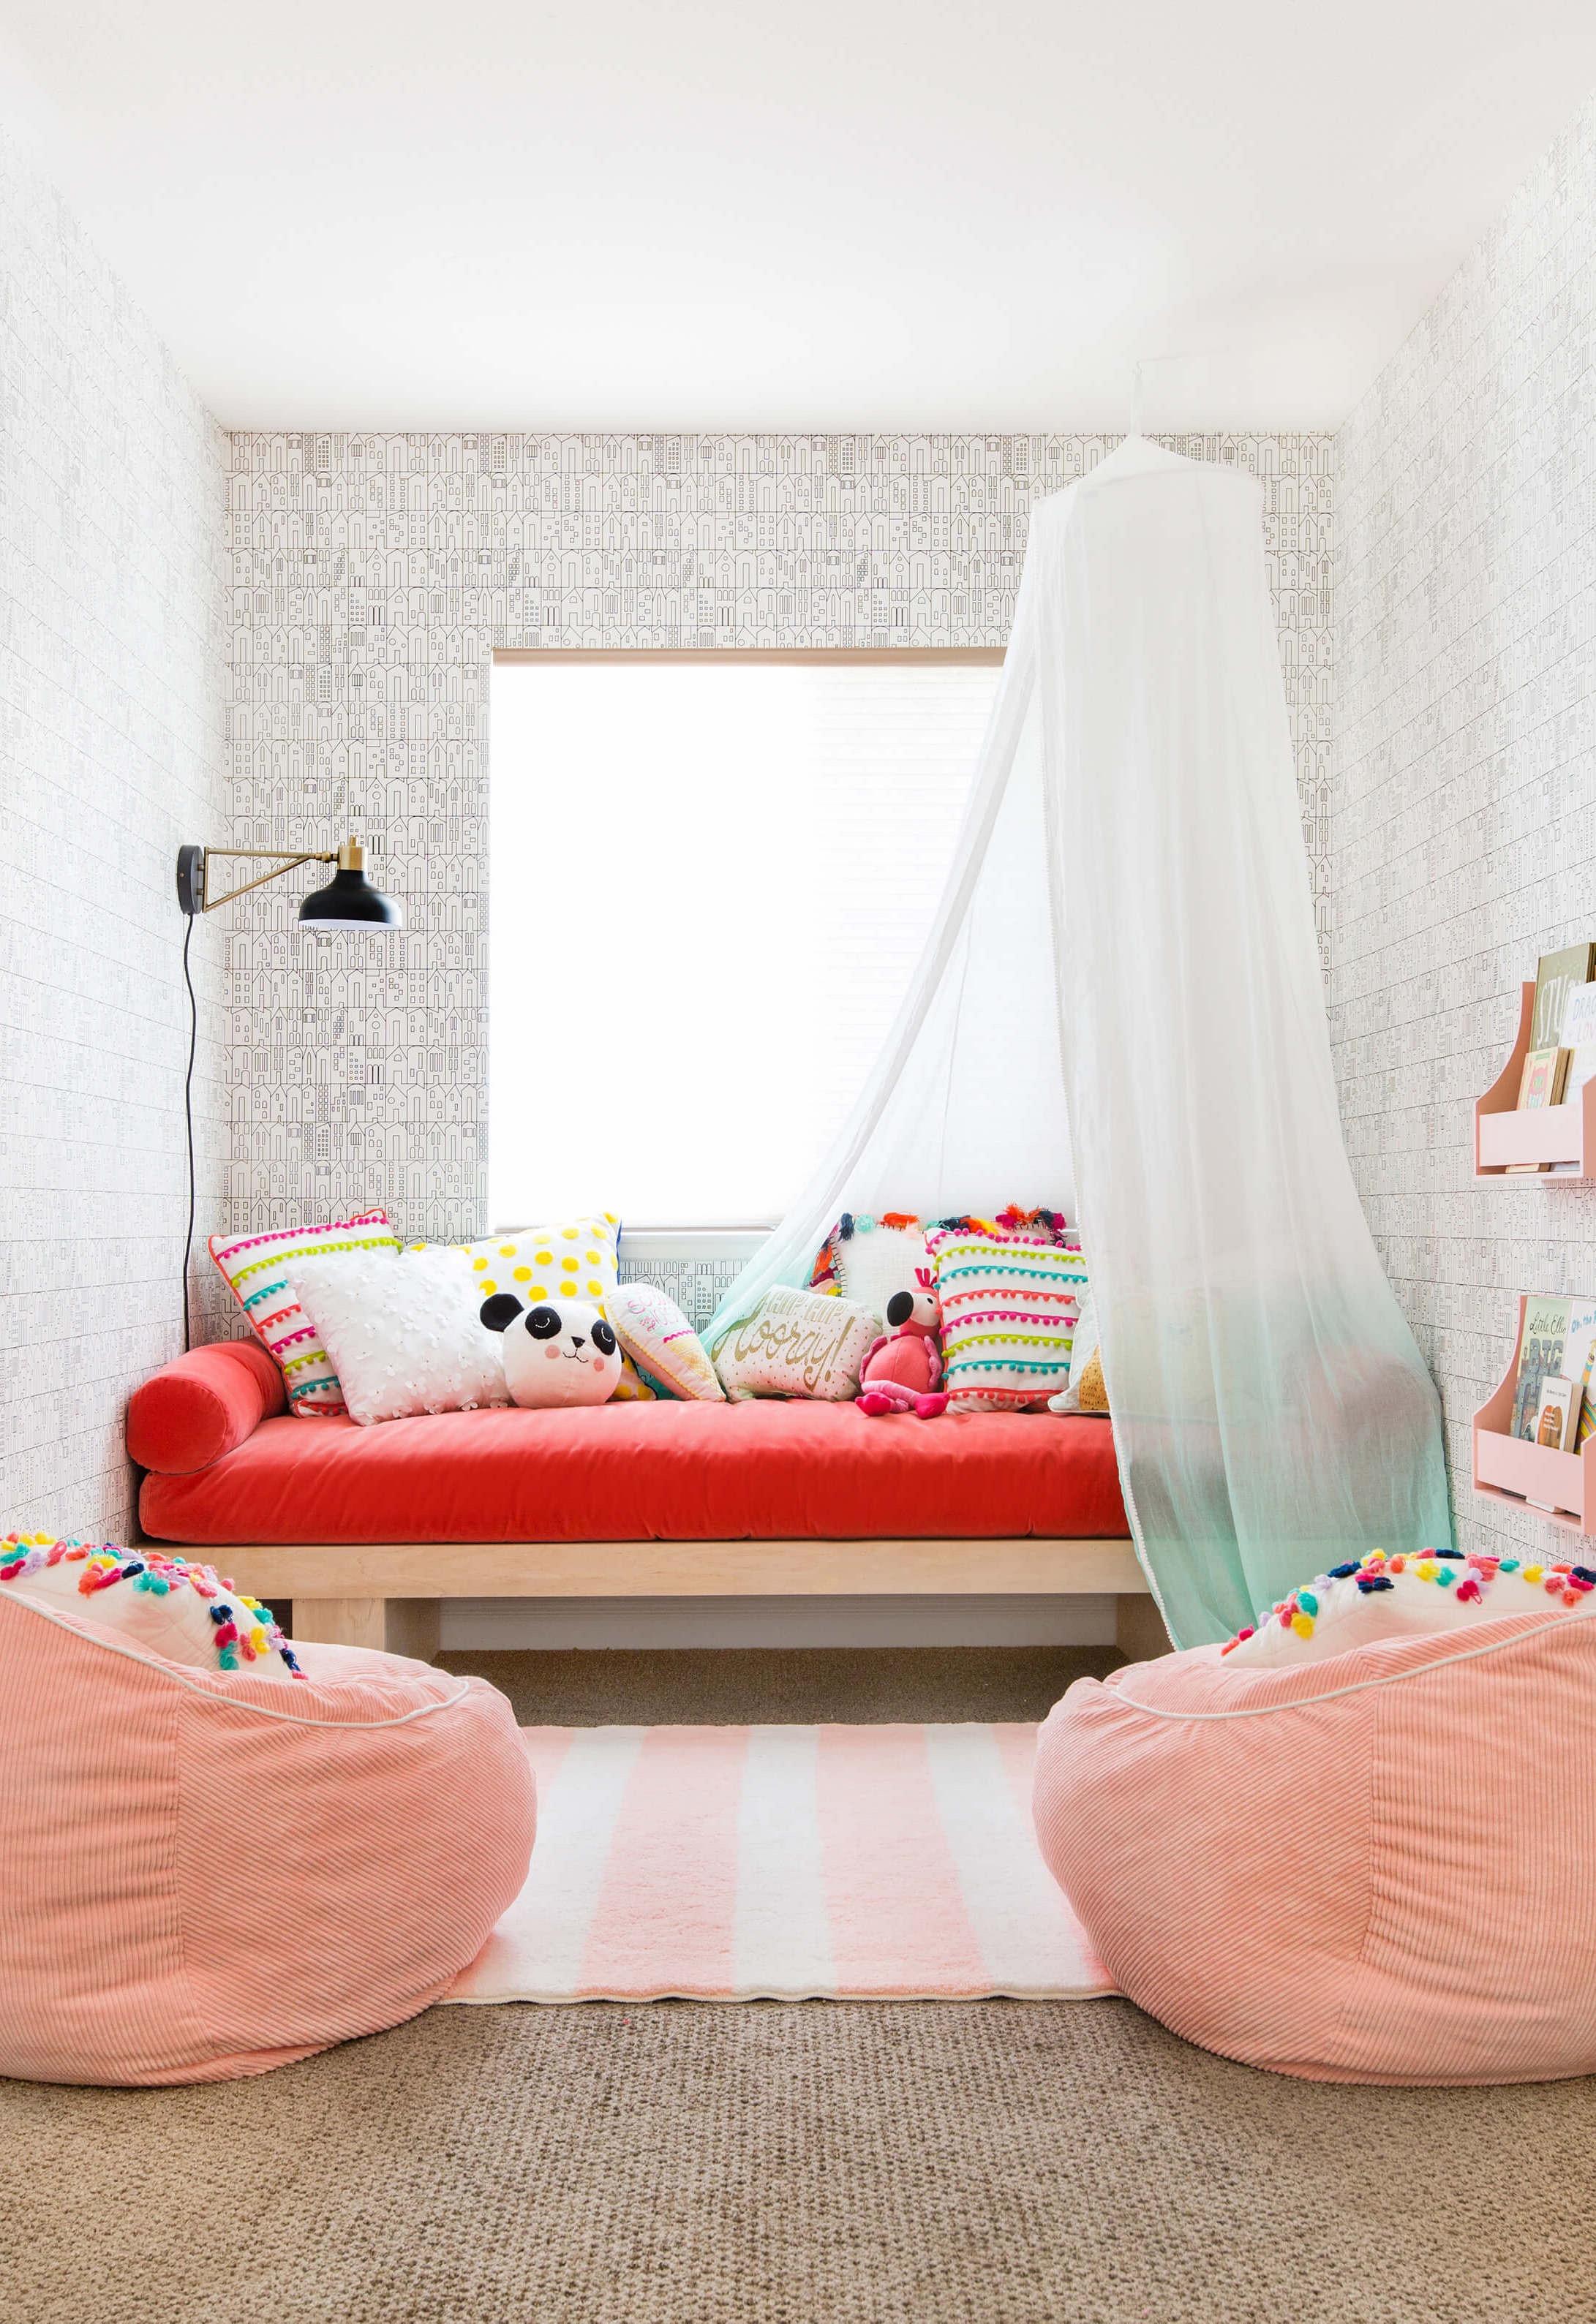 Que tal colocar dois puffs redondos no quarto das crianças? É uma ótima opção para receber os amiguinhos.